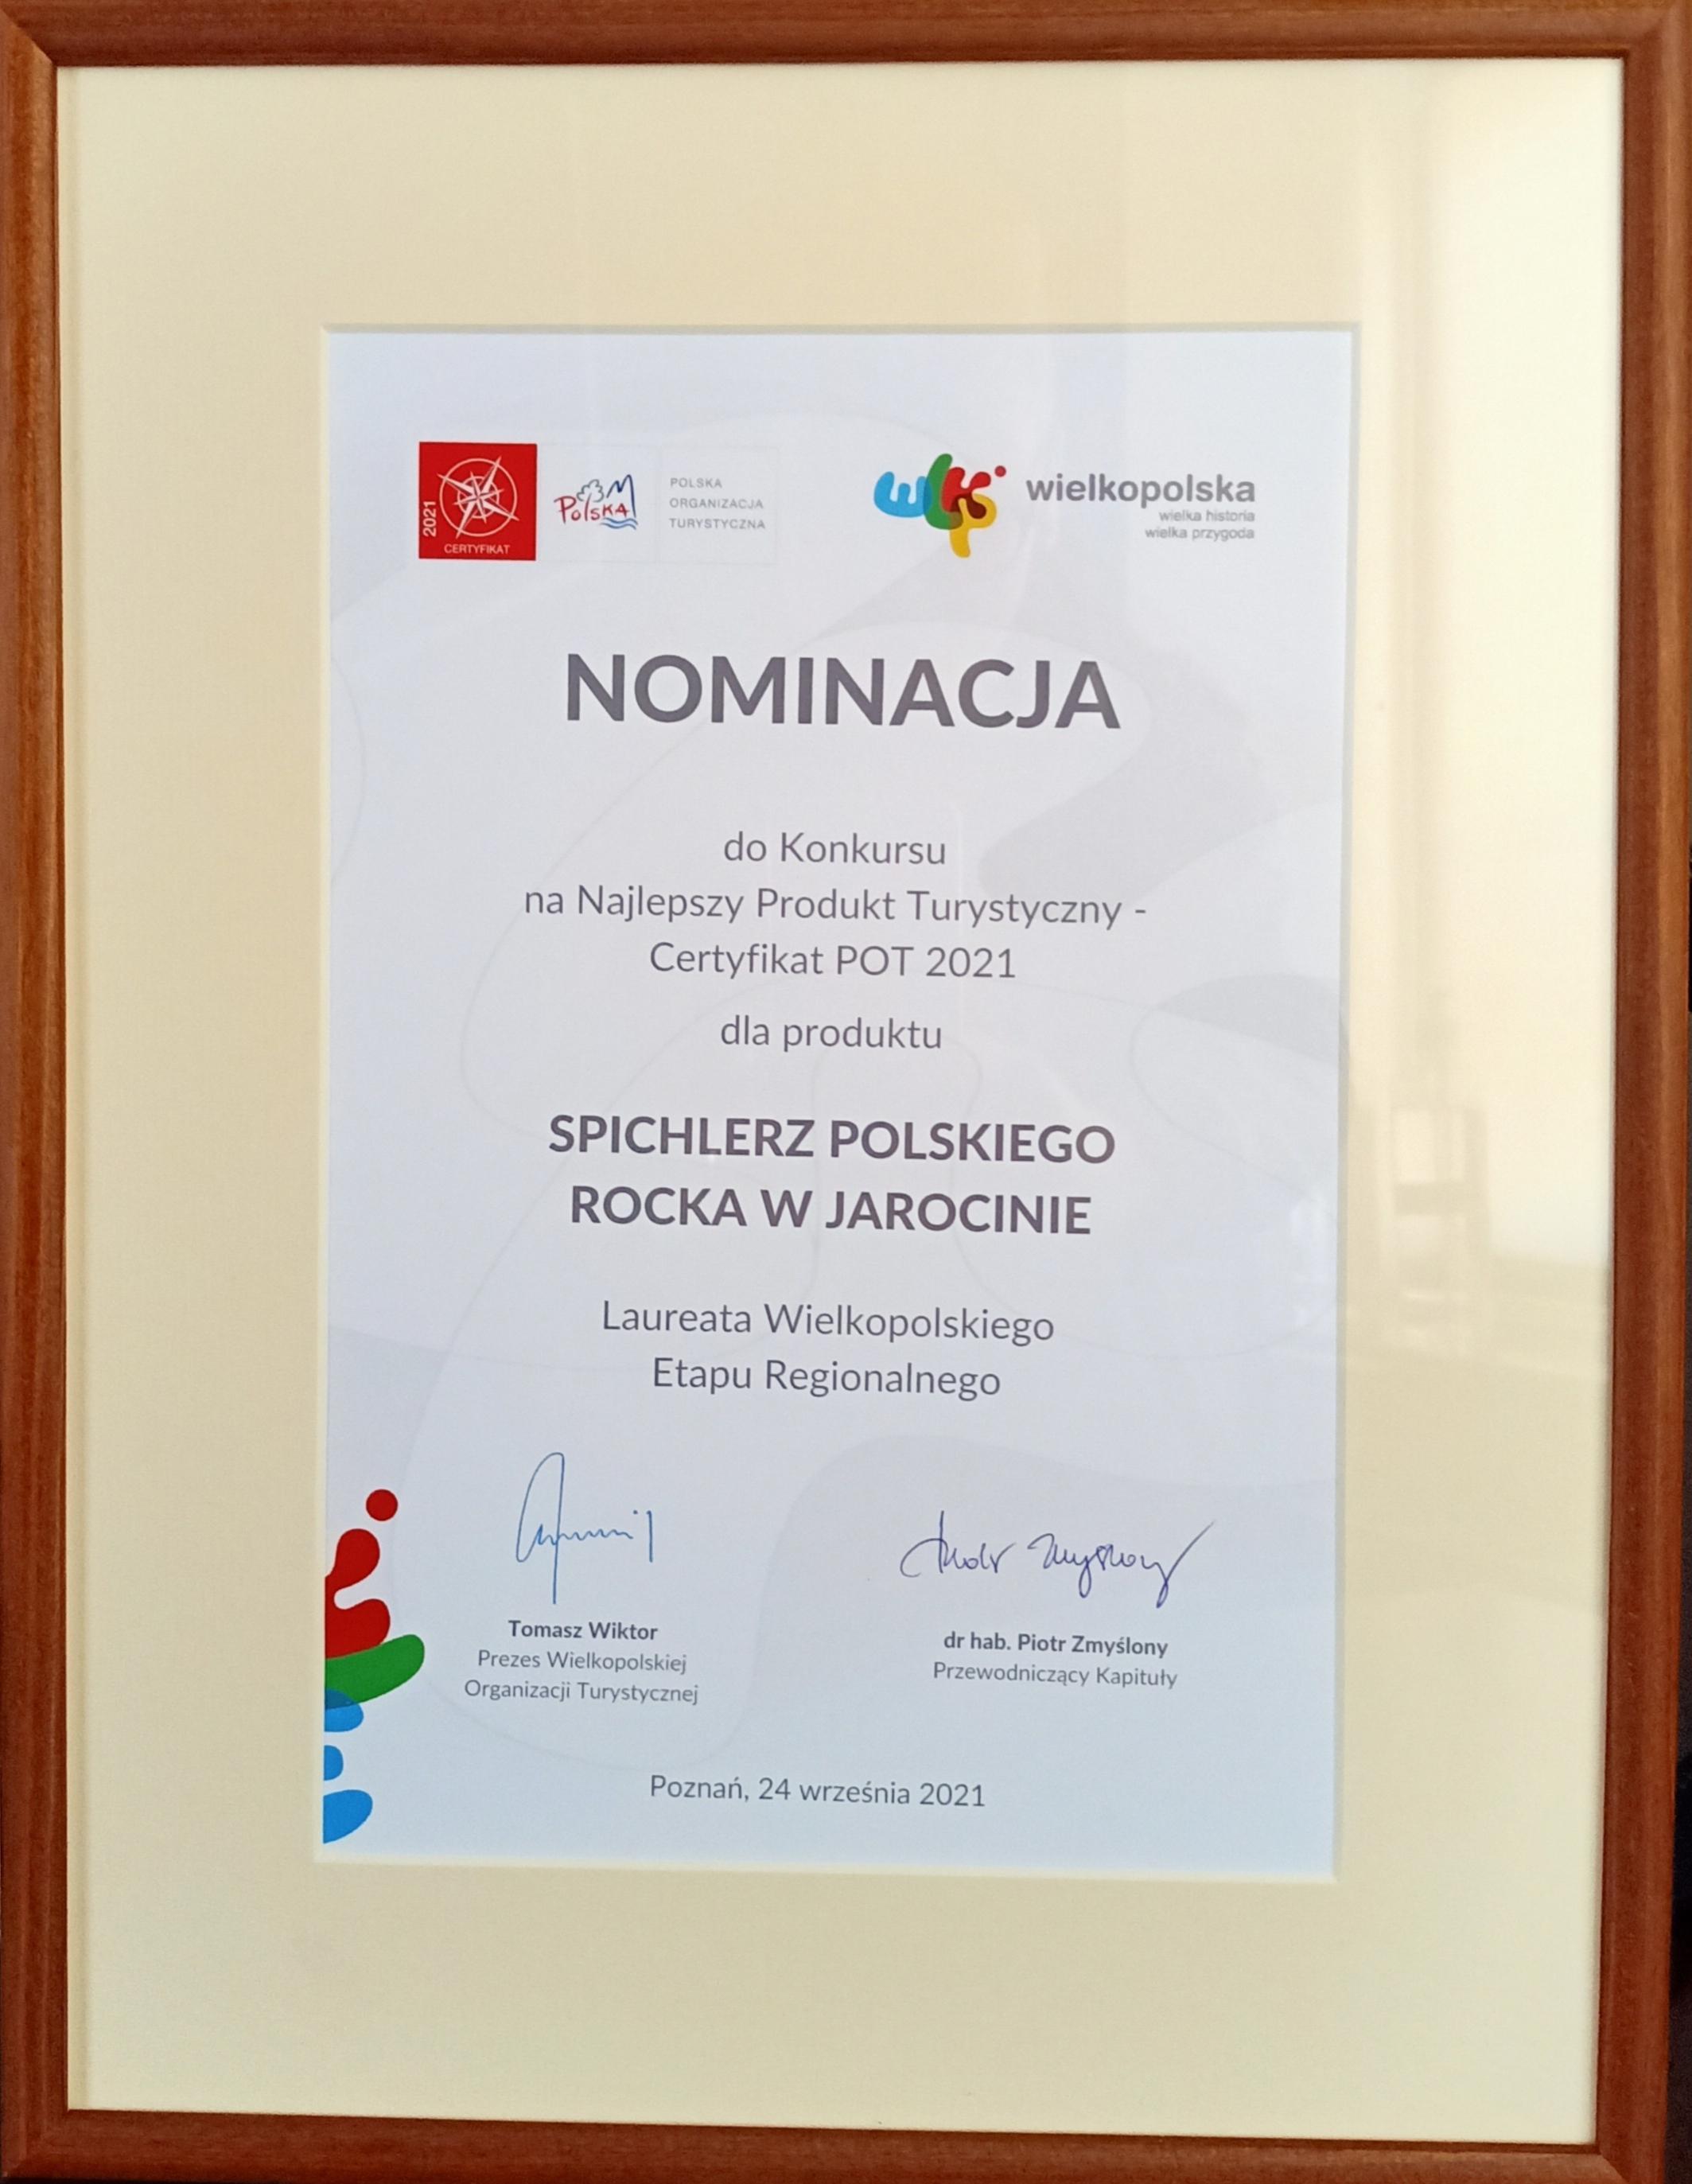 Spichlerz Polskiego Rocka nominowany do ogólnopolskiego konkursu na Najlepszy Produkt Turystyczny.